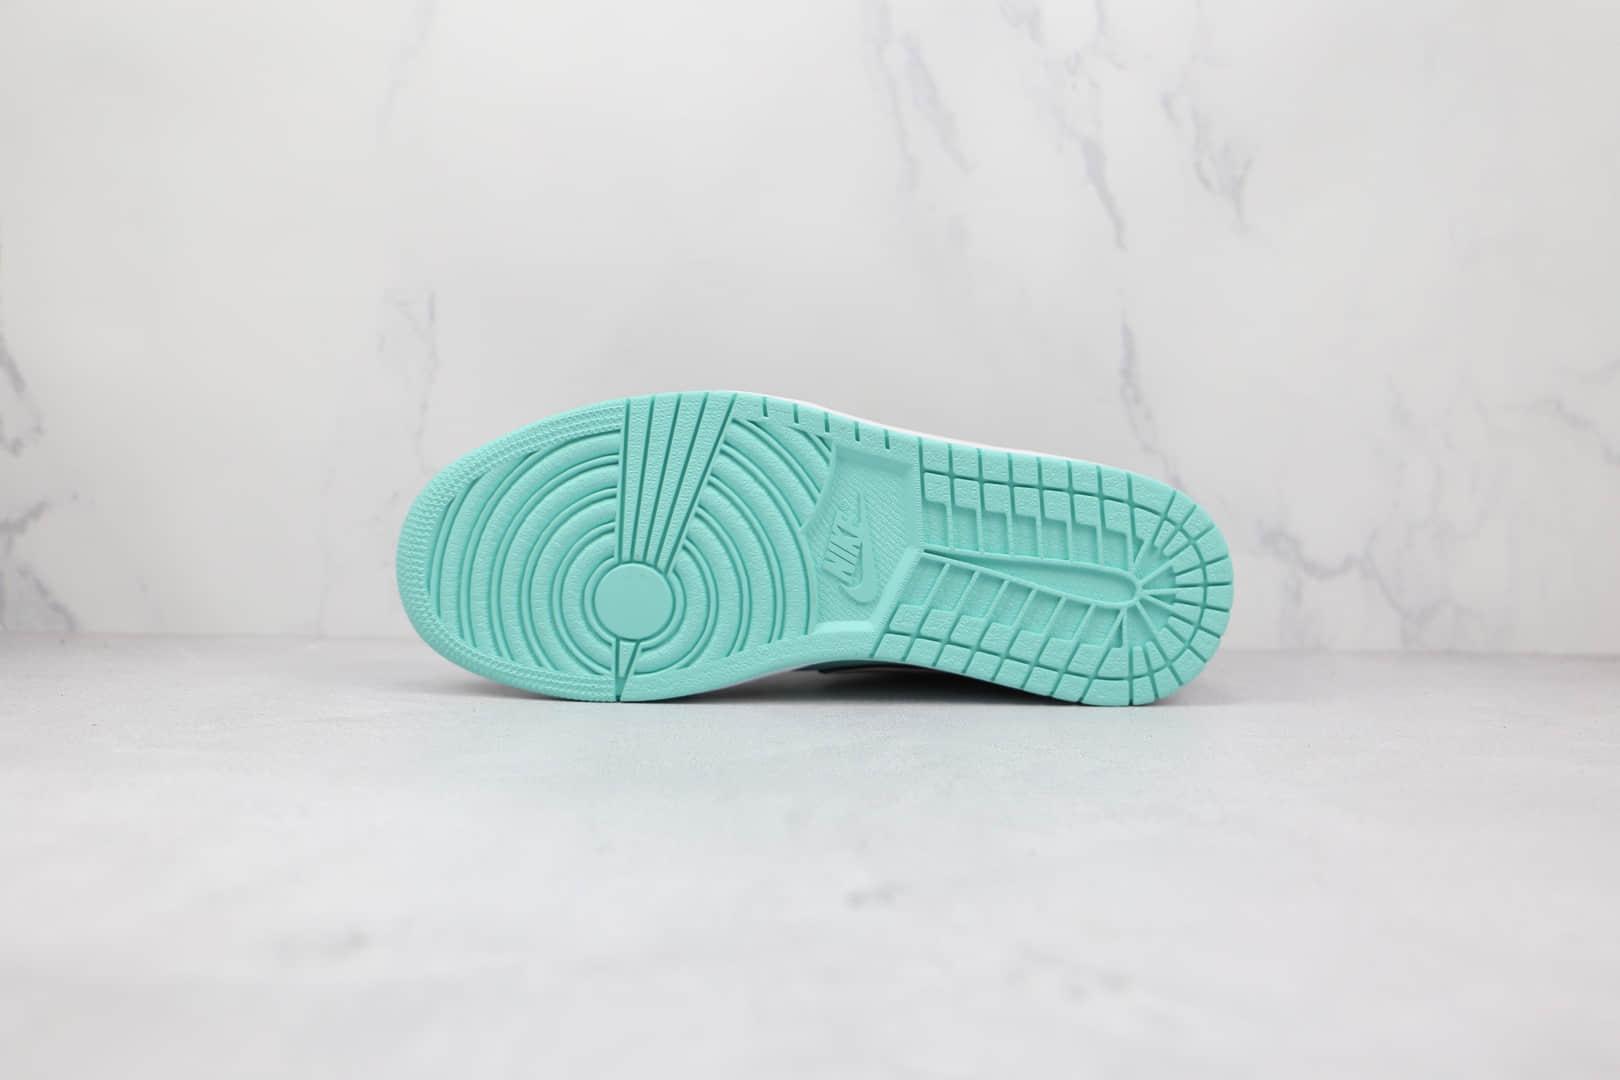 乔丹Air Jordan 1 Low SE Tropical Twist纯原版本低帮AJ1黑蒂芙尼绿渐变色钩板鞋原楦头纸板打造 货号:CK3022-301